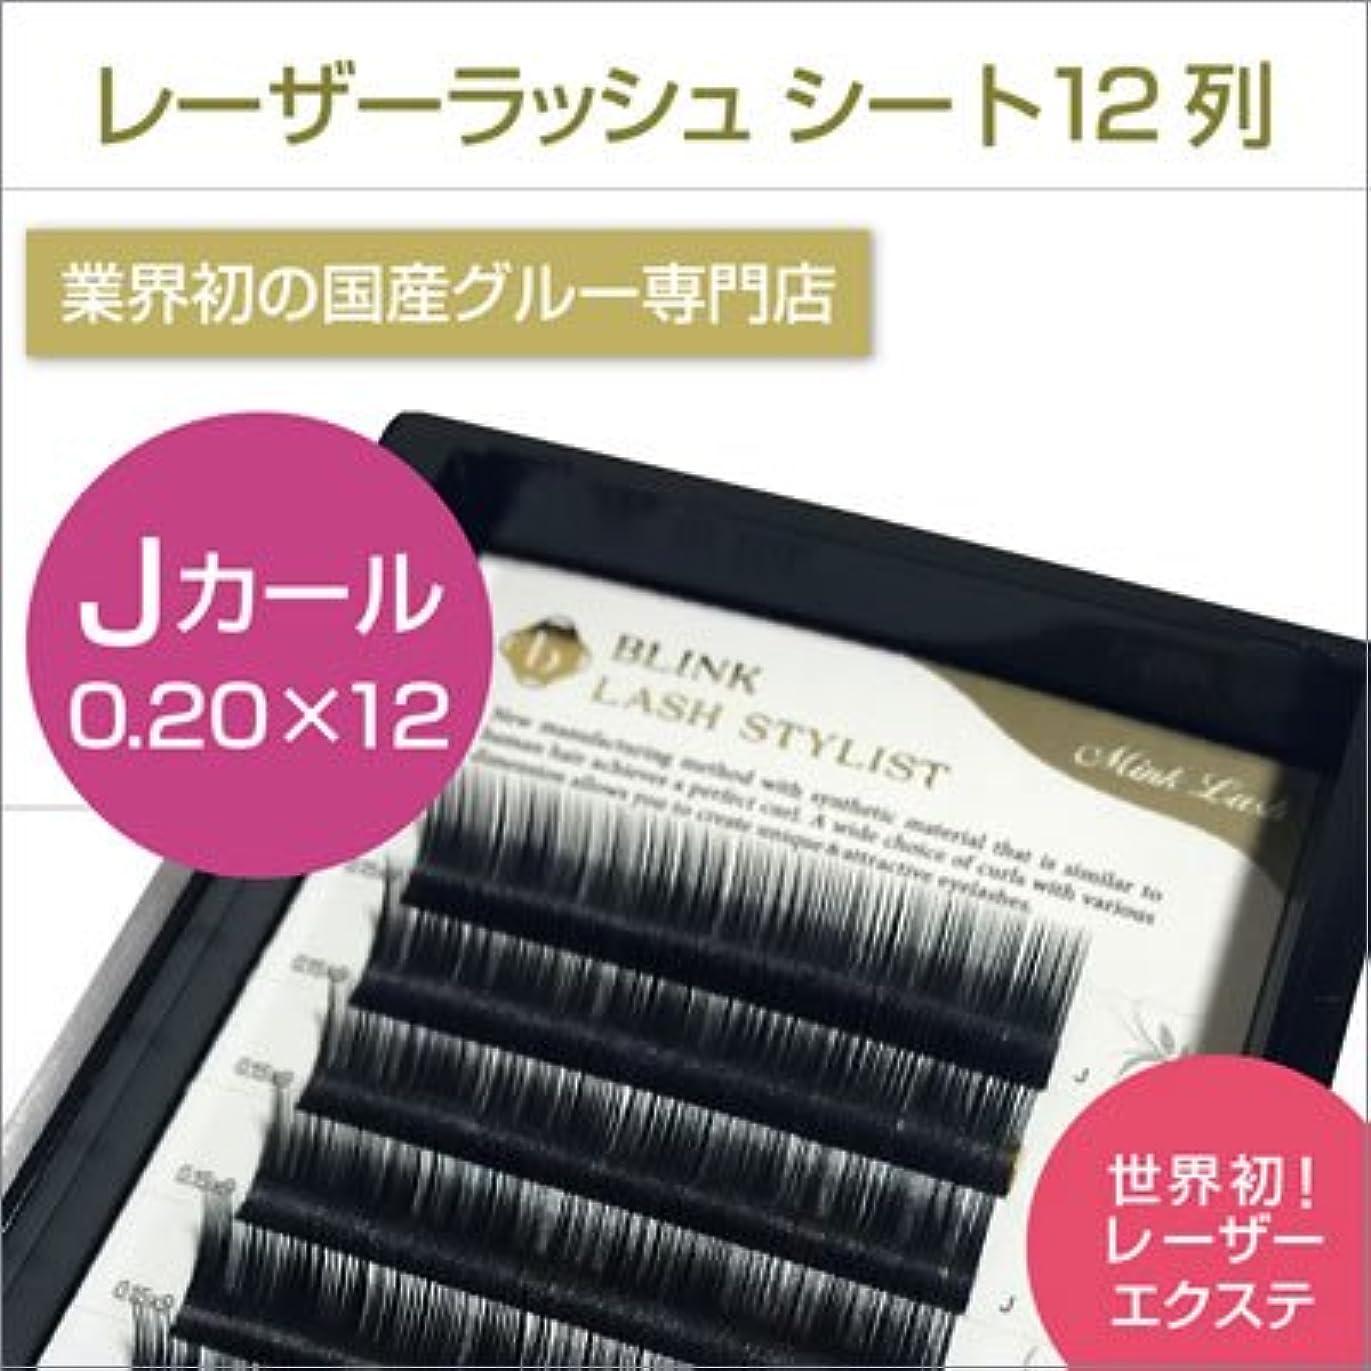 散髪掻くサミットorlo(オルロ) レーザーエクステ ミンクラッシュ Jカール 0.2mm×12mm